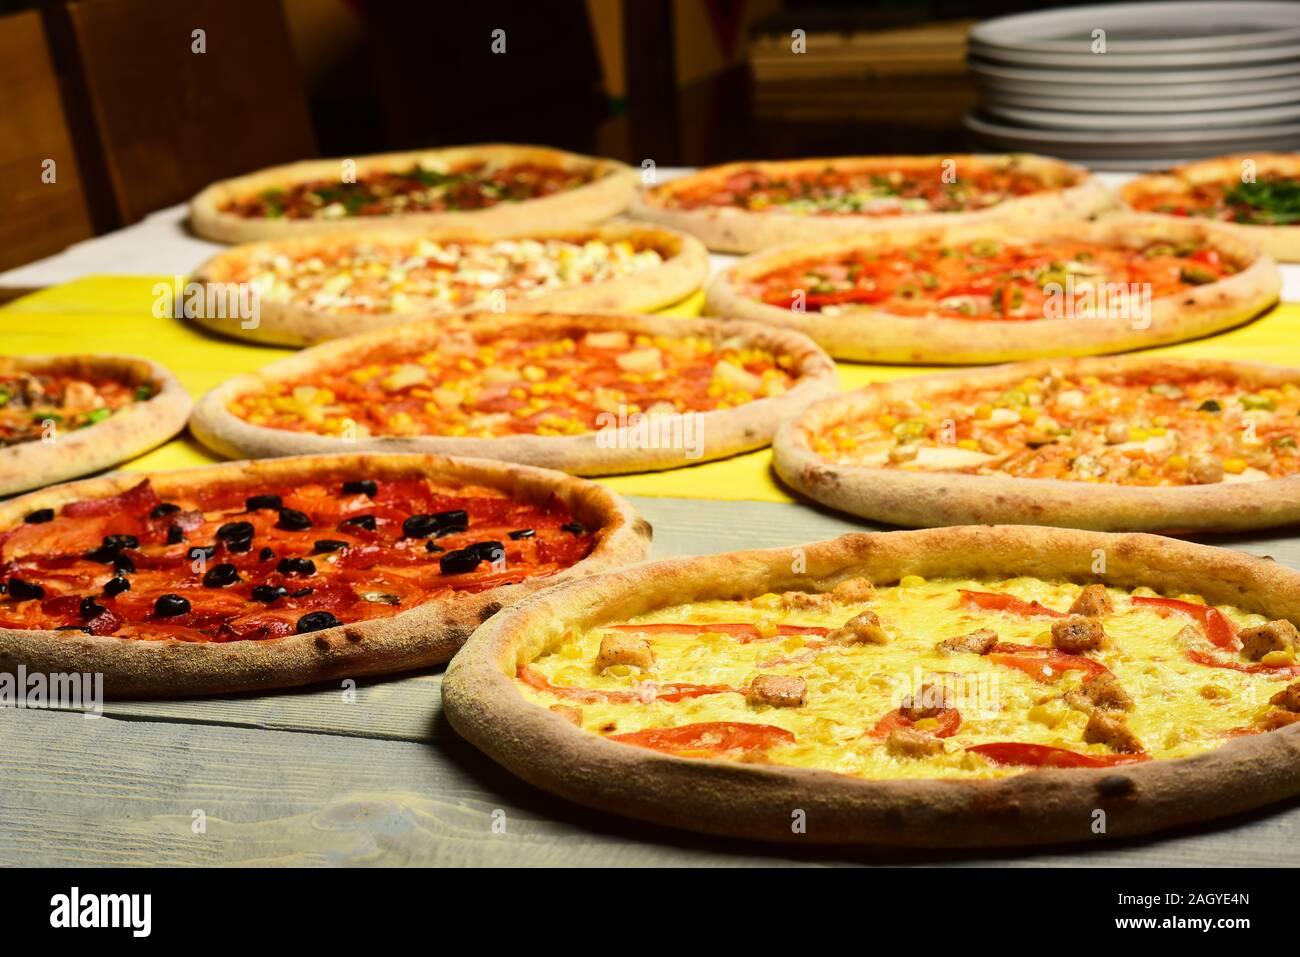 Takeaway Pizza Menu Stock Photos Takeaway Pizza Menu Stock